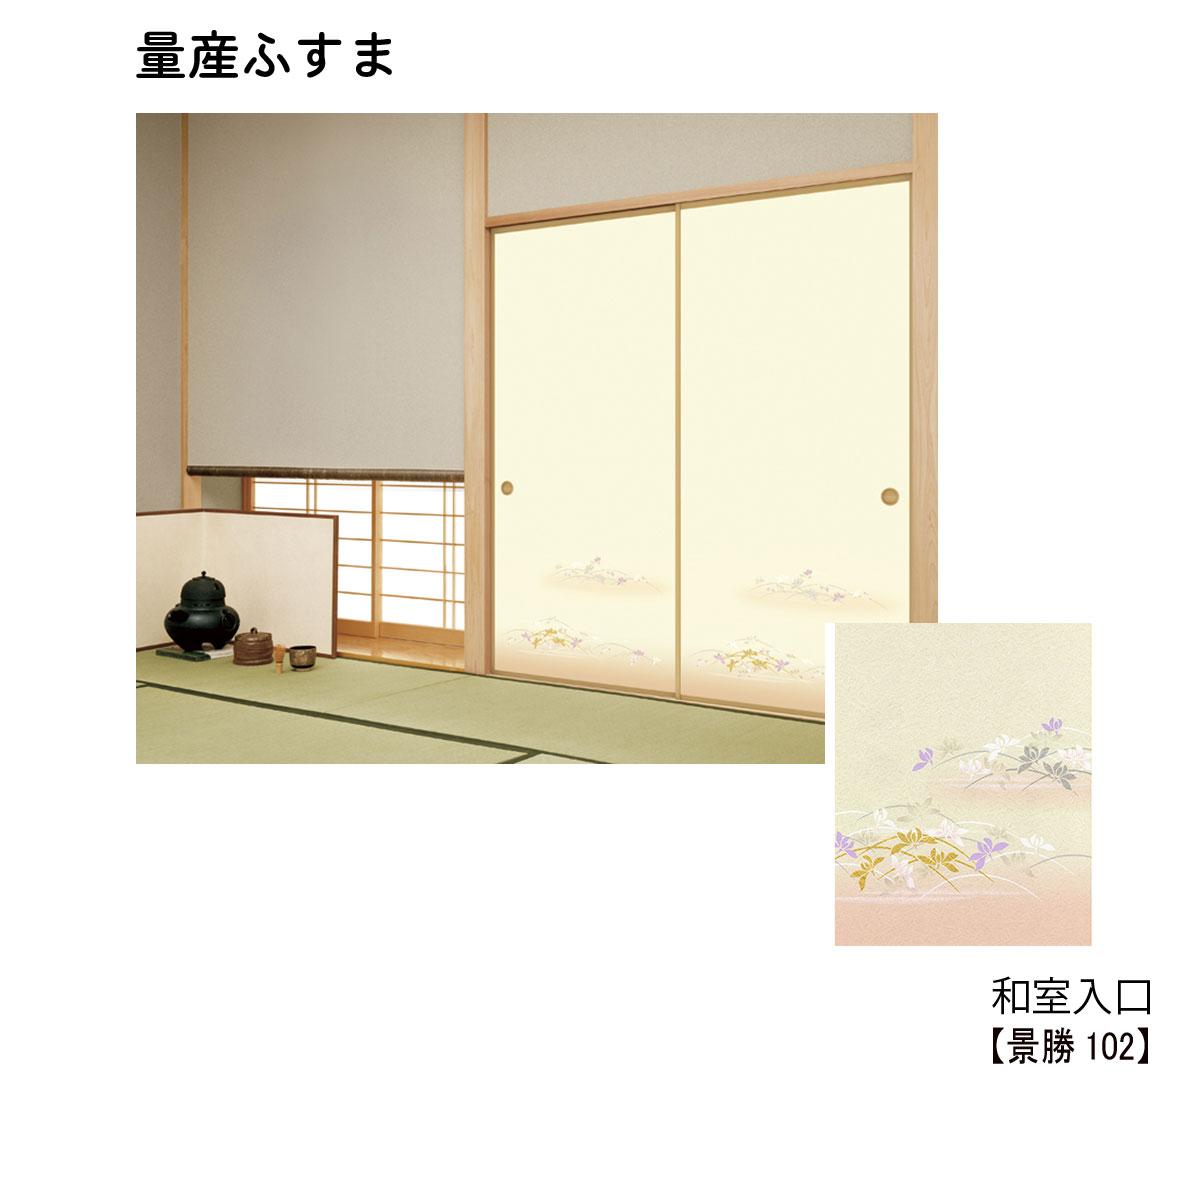 【量産襖】和室入口ふすま【景勝102】【M】(仕上H600~H1910mm・W920mm迄)※1枚の価格